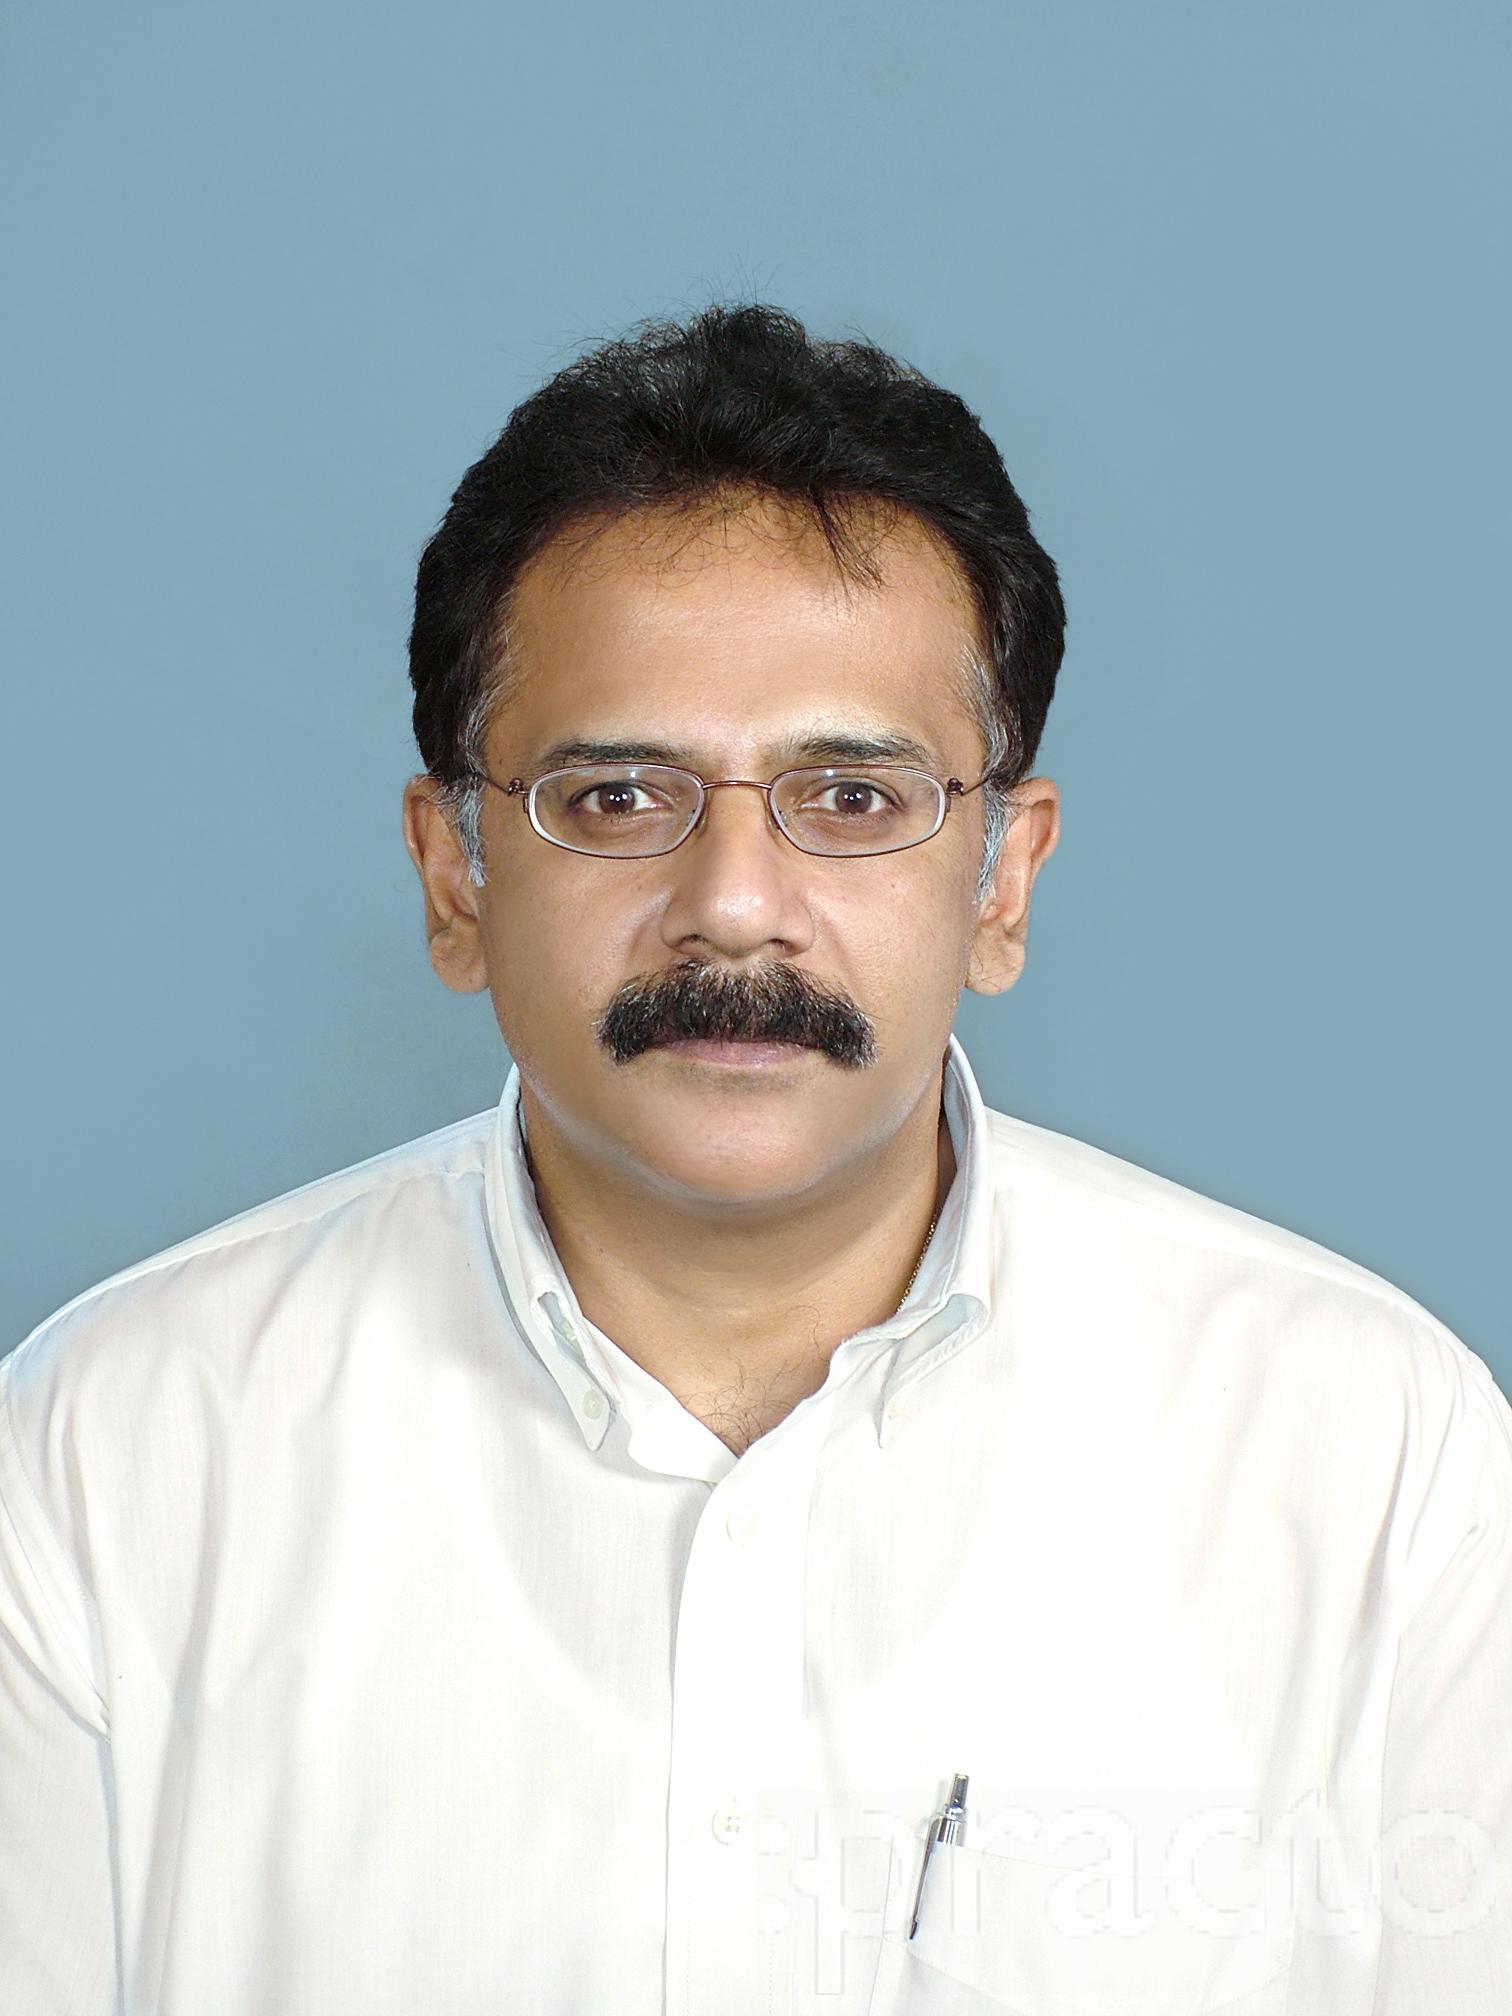 Dr. Sunil Bhaskaran - Ophthalmologist